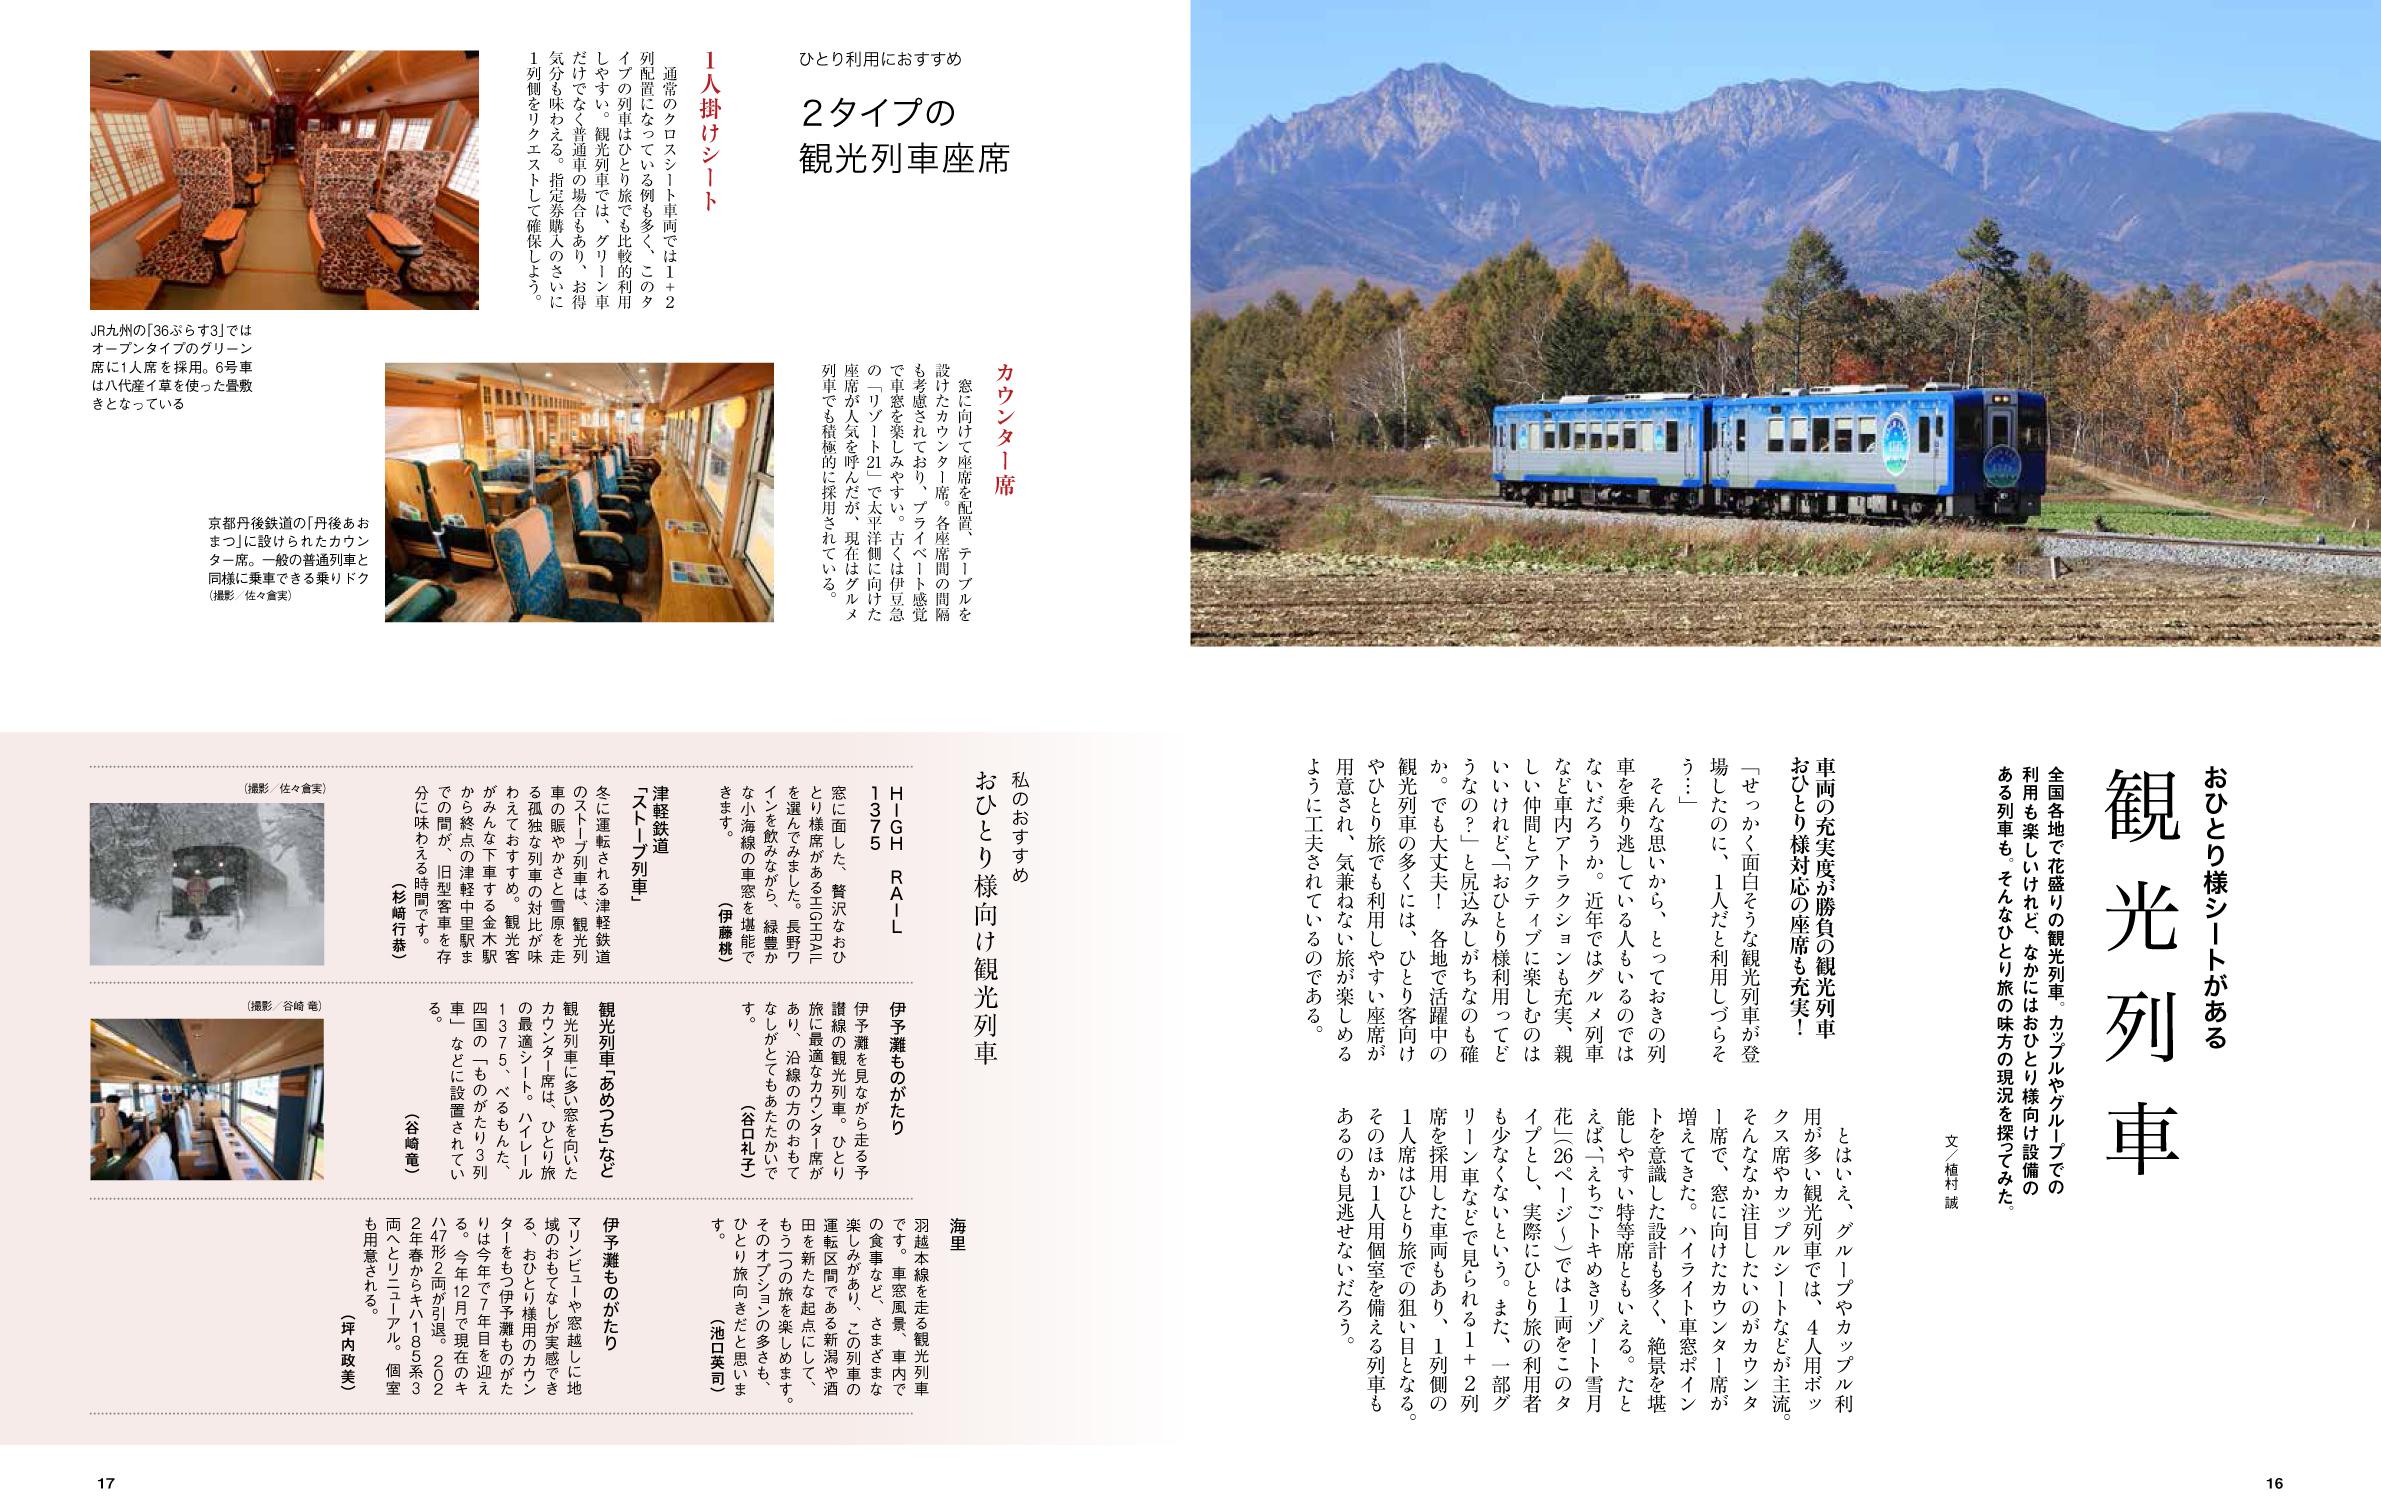 ひとり旅のおすすめは、おひとり様シートの観光列車とクロスシートの絶景路線